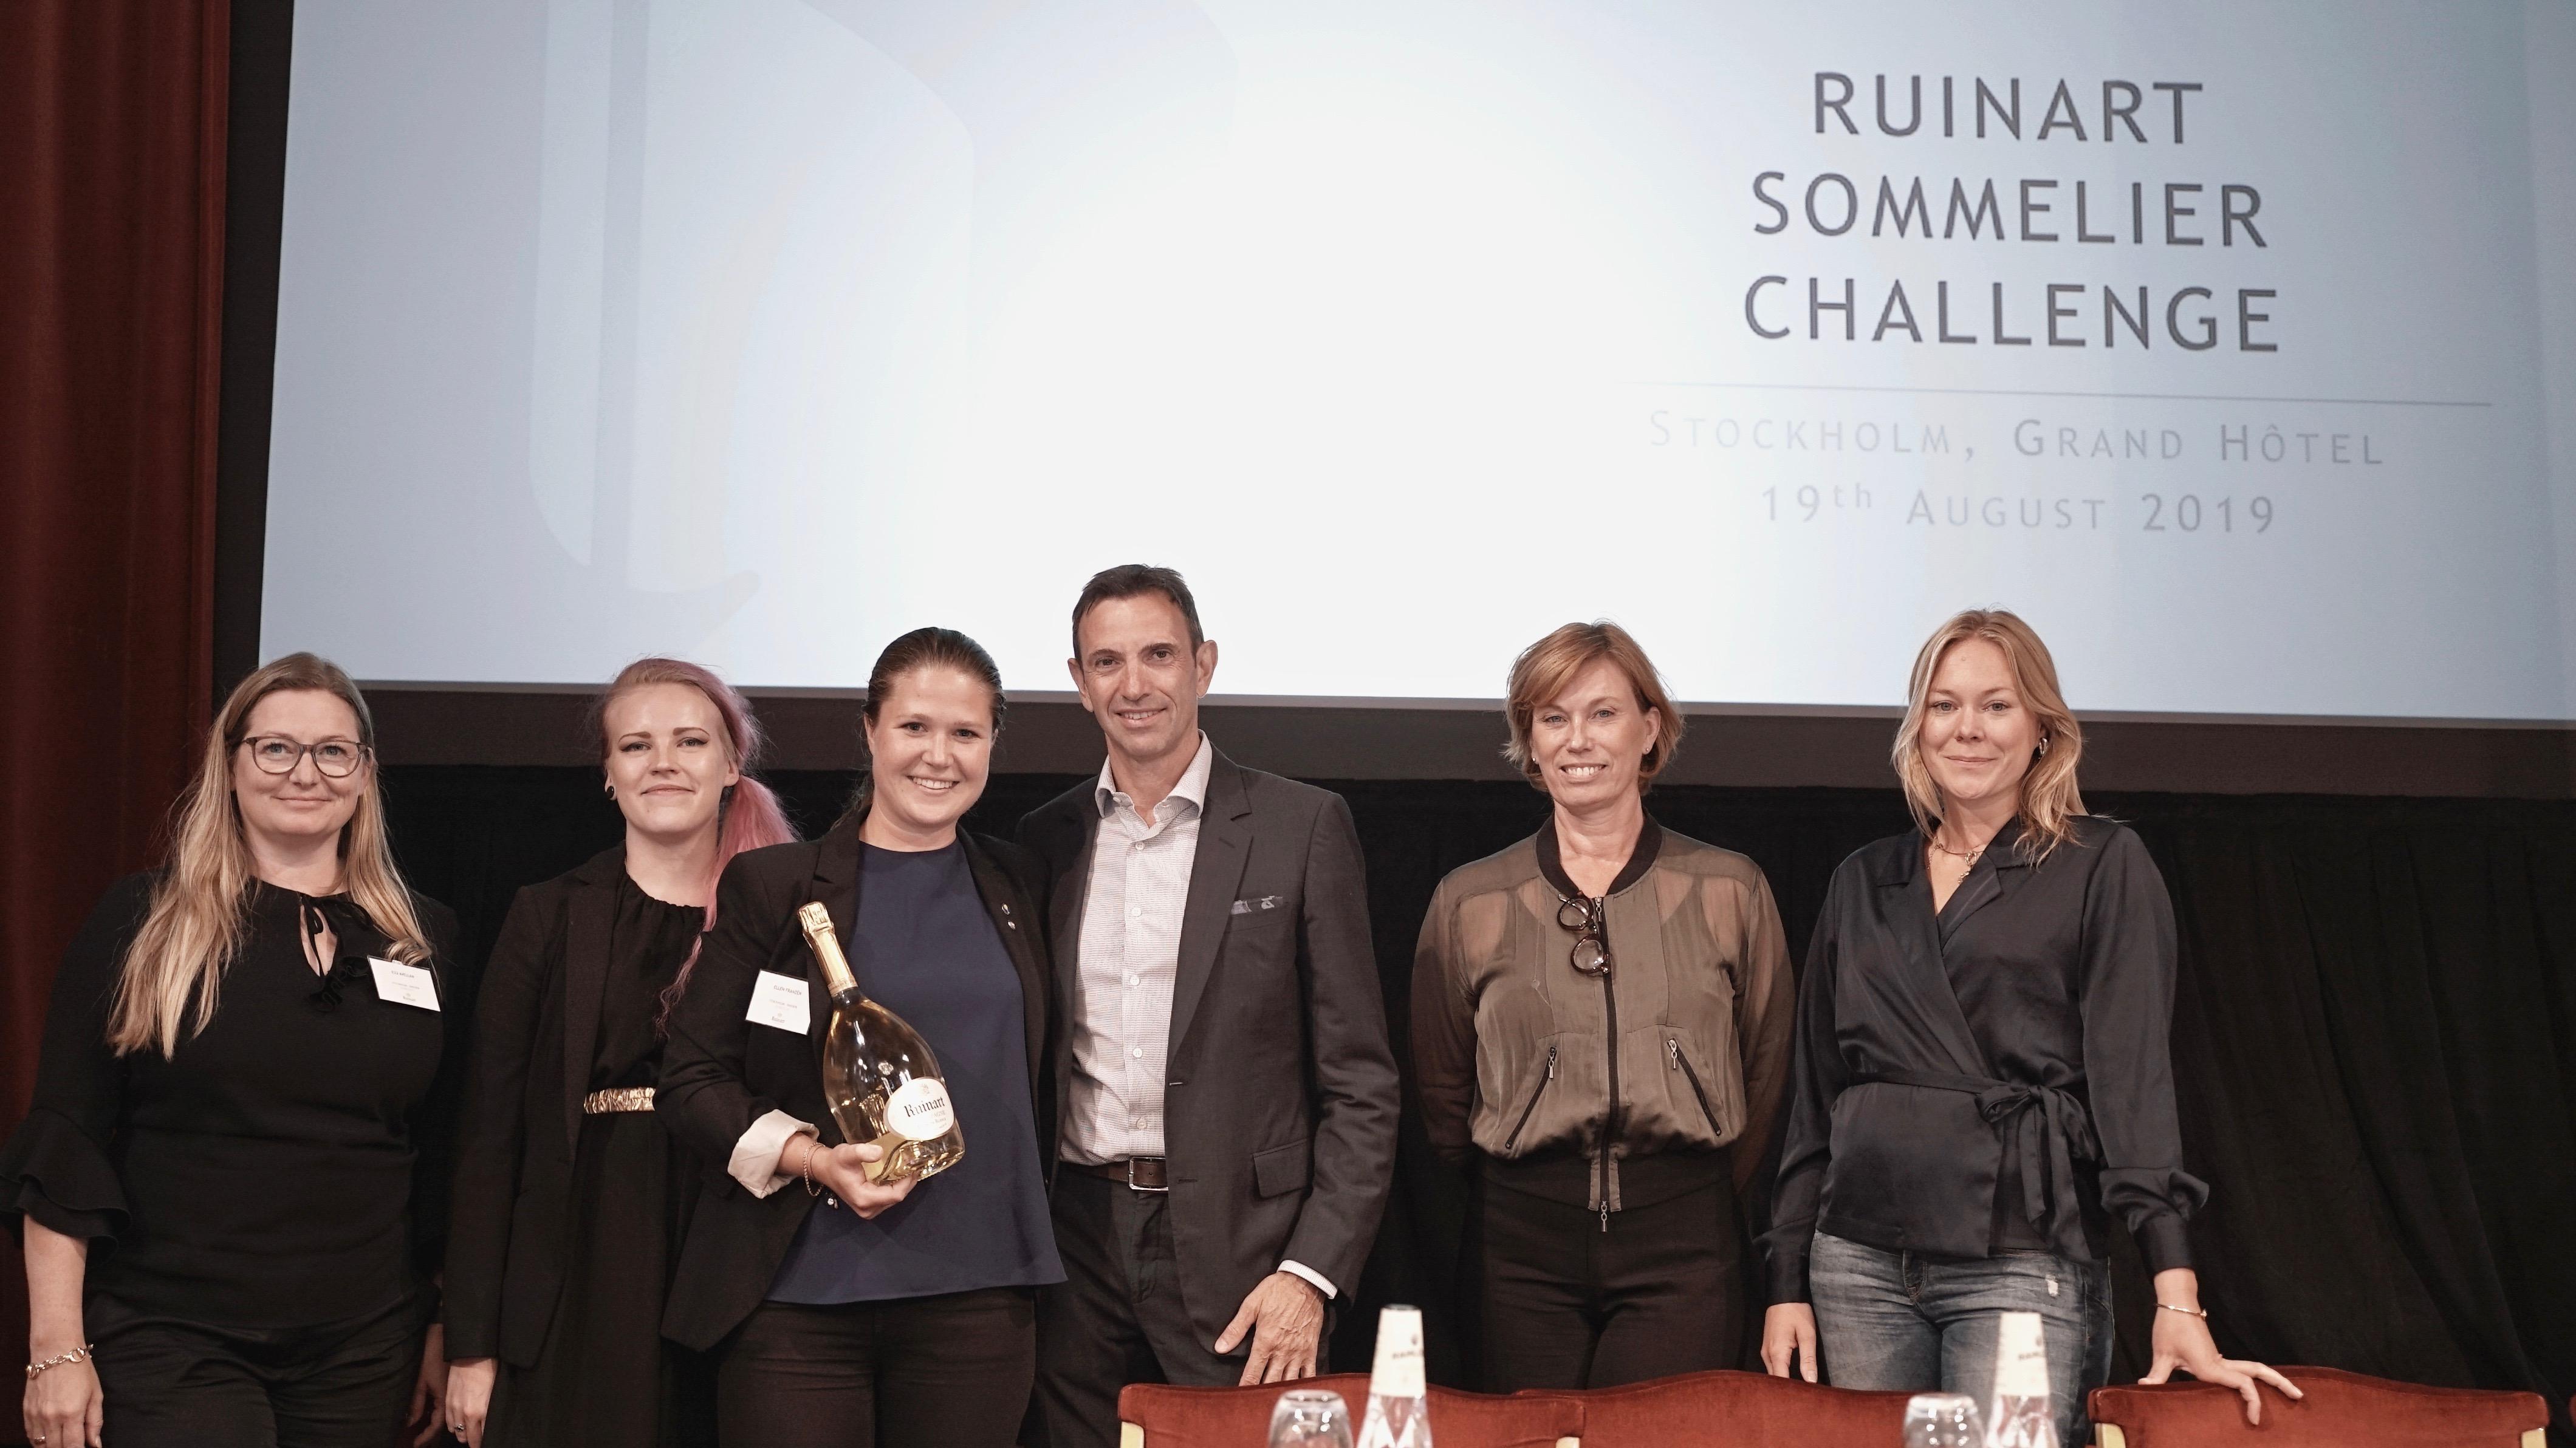 Ruinart Nordic Sommelier Challenge 2019